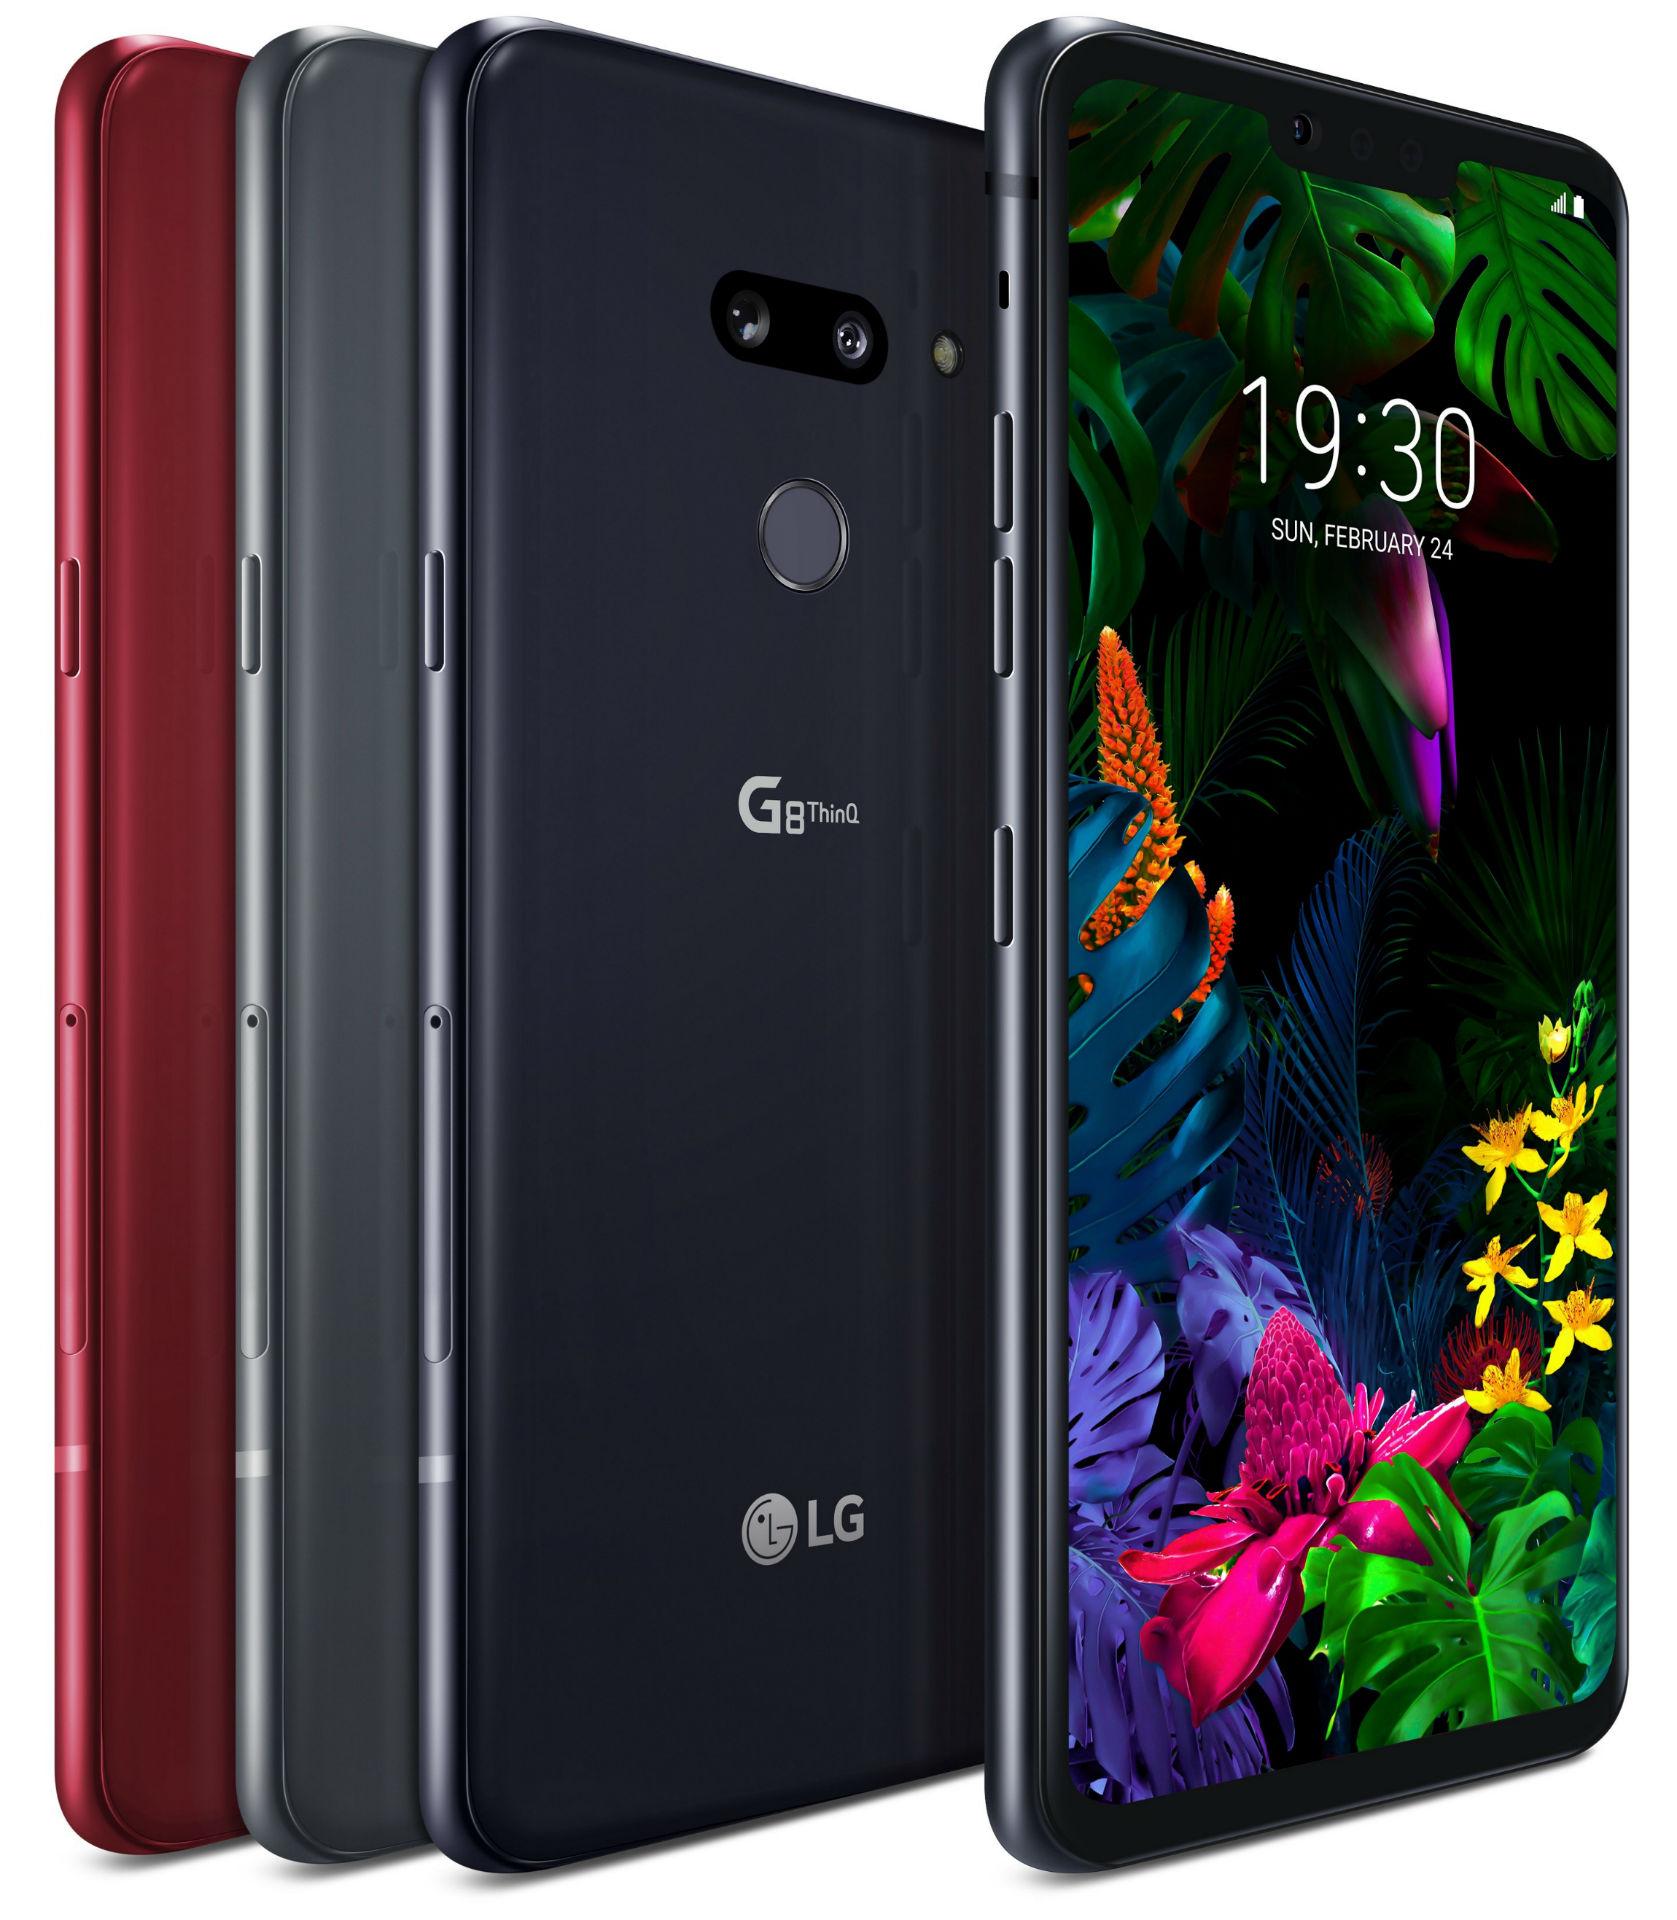 LG G8 ThinQ ? LG G8s ThinQ - ??? ??????? ????????? ?? LG